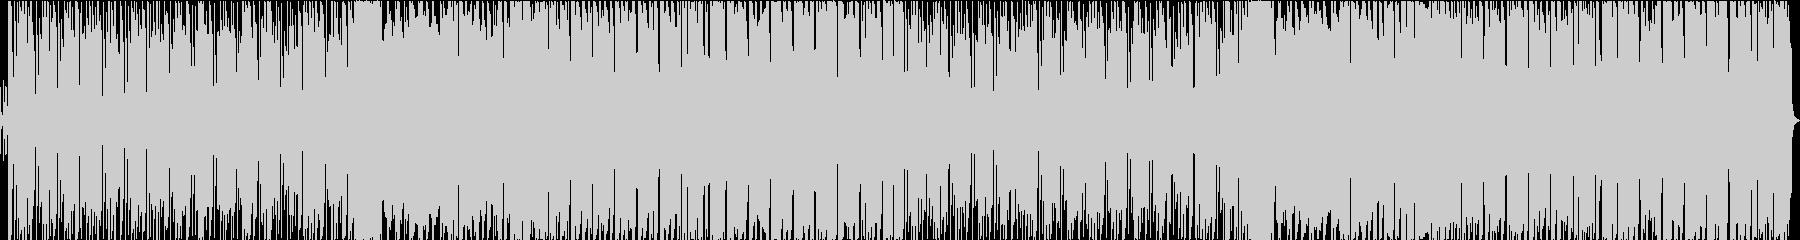 キラキラサウンドの可愛いBGMの未再生の波形